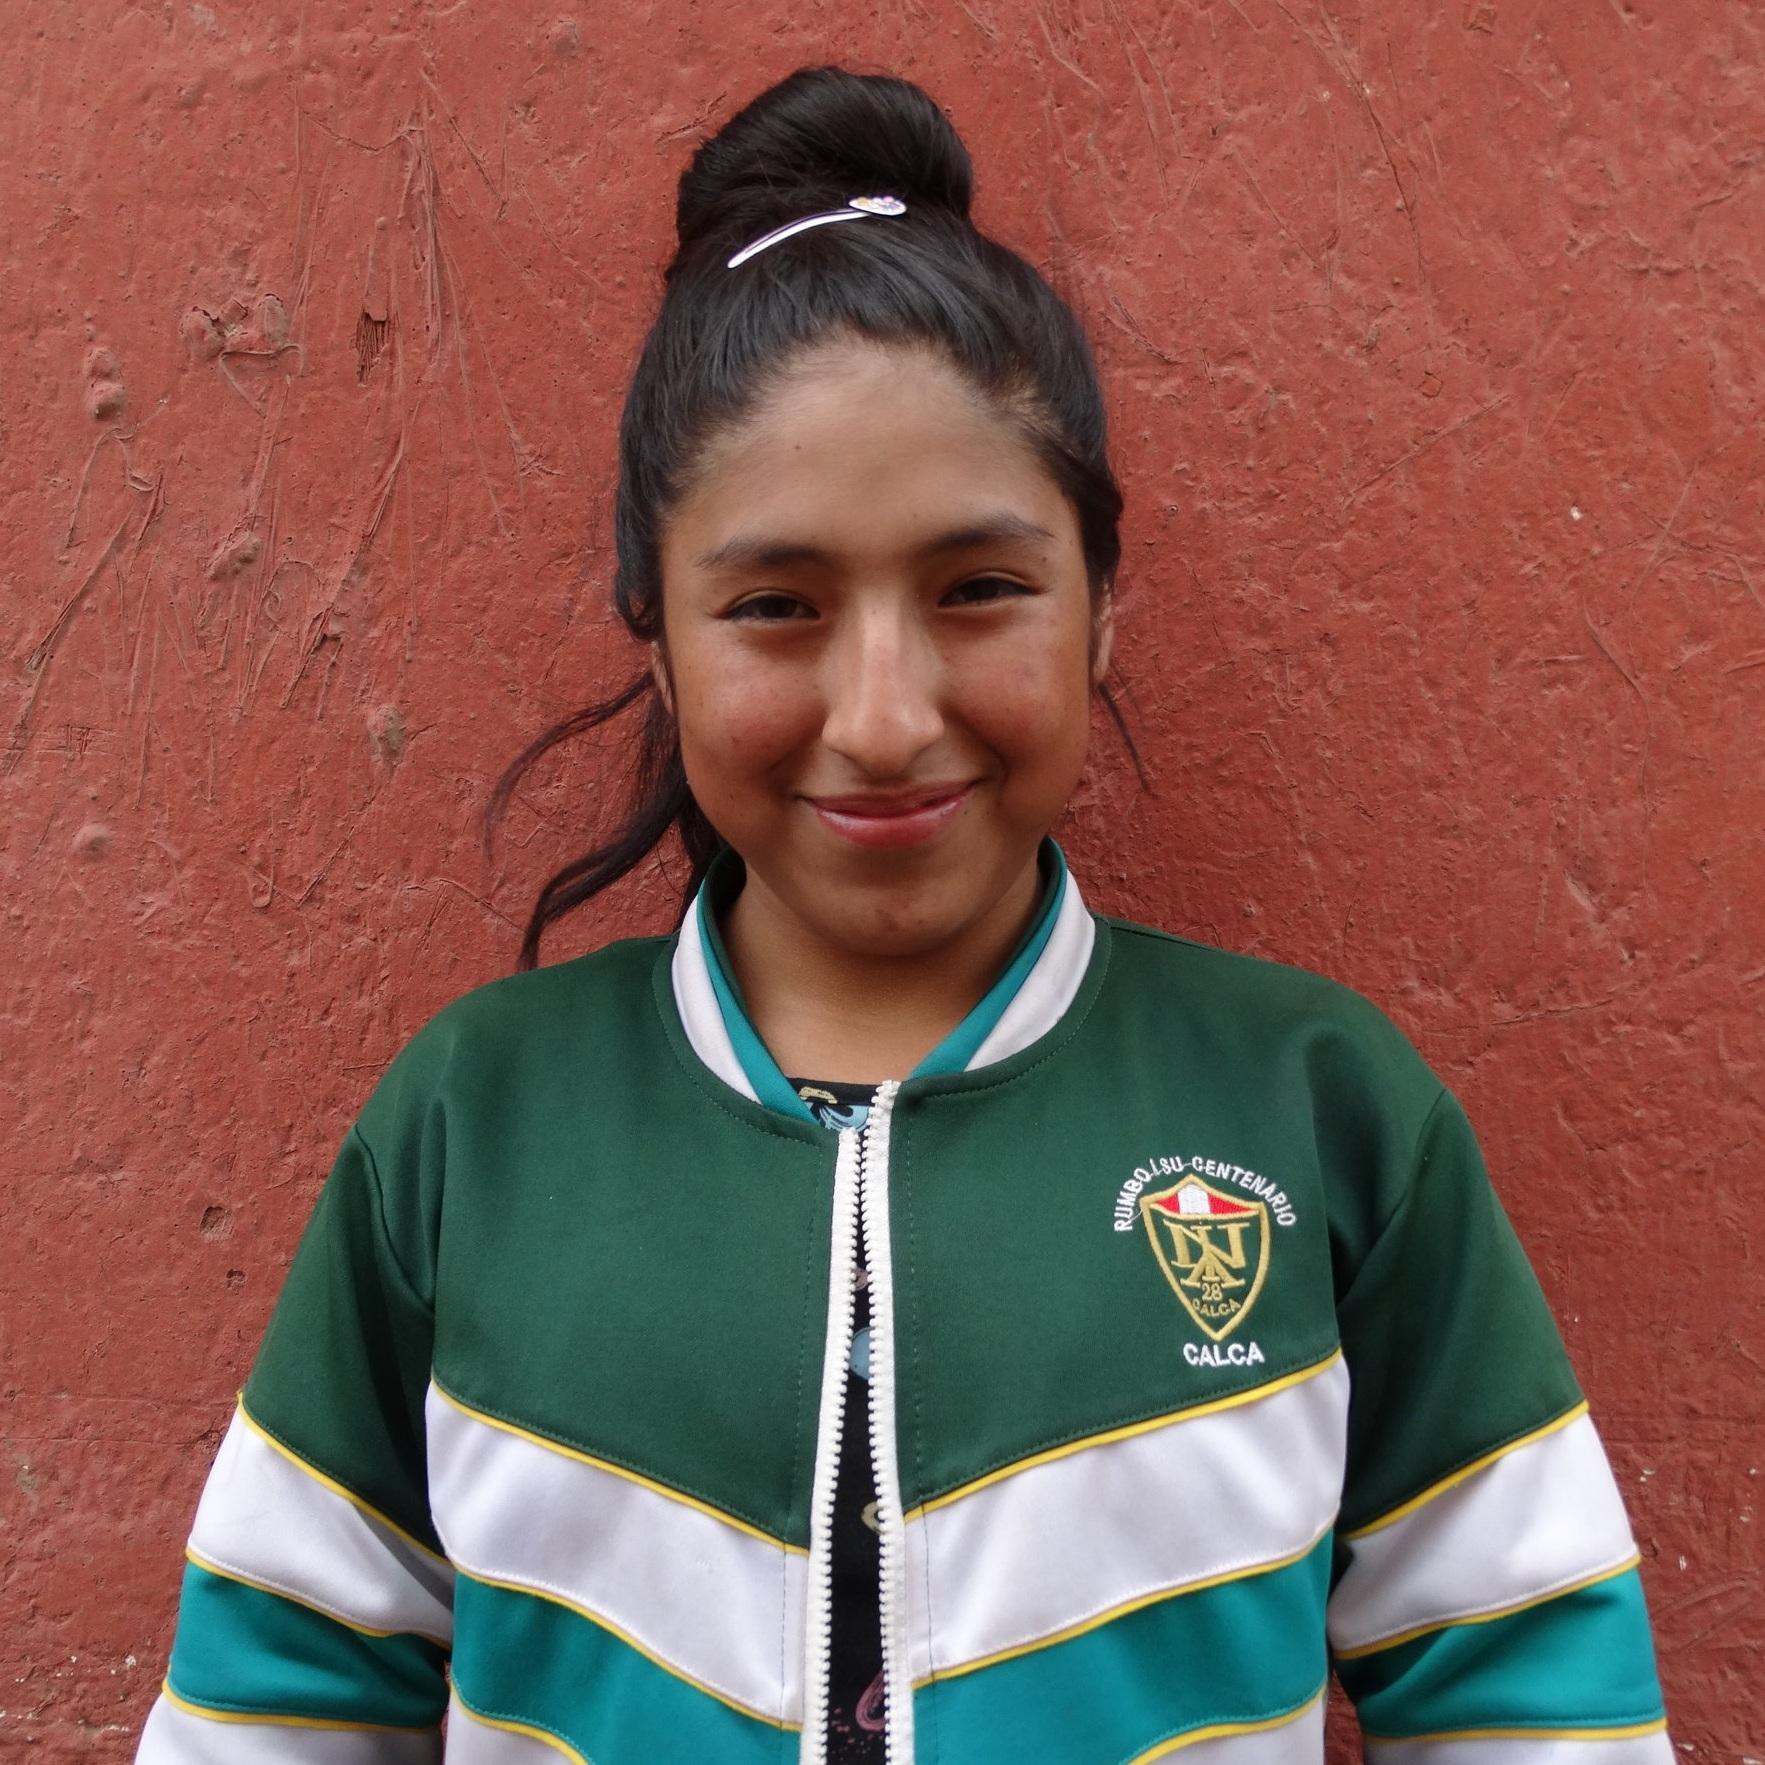 Carmen, Peru